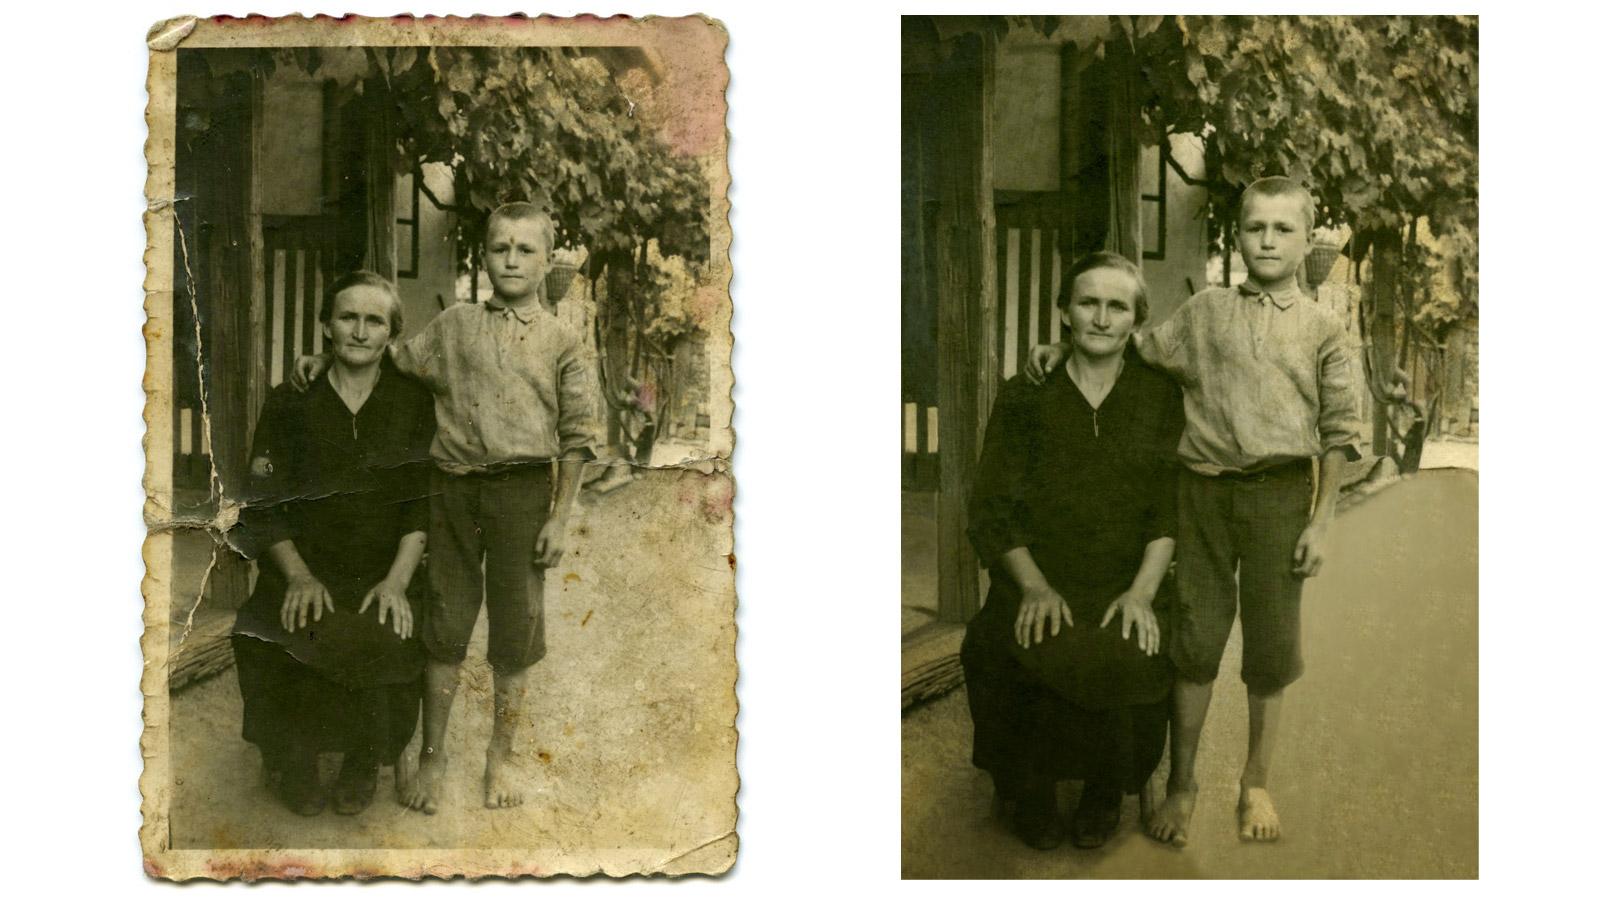 Kép az 193o-as évek végéről: dédanyánk és nemrég elhunyt nagyapánk fiatal fiúként.